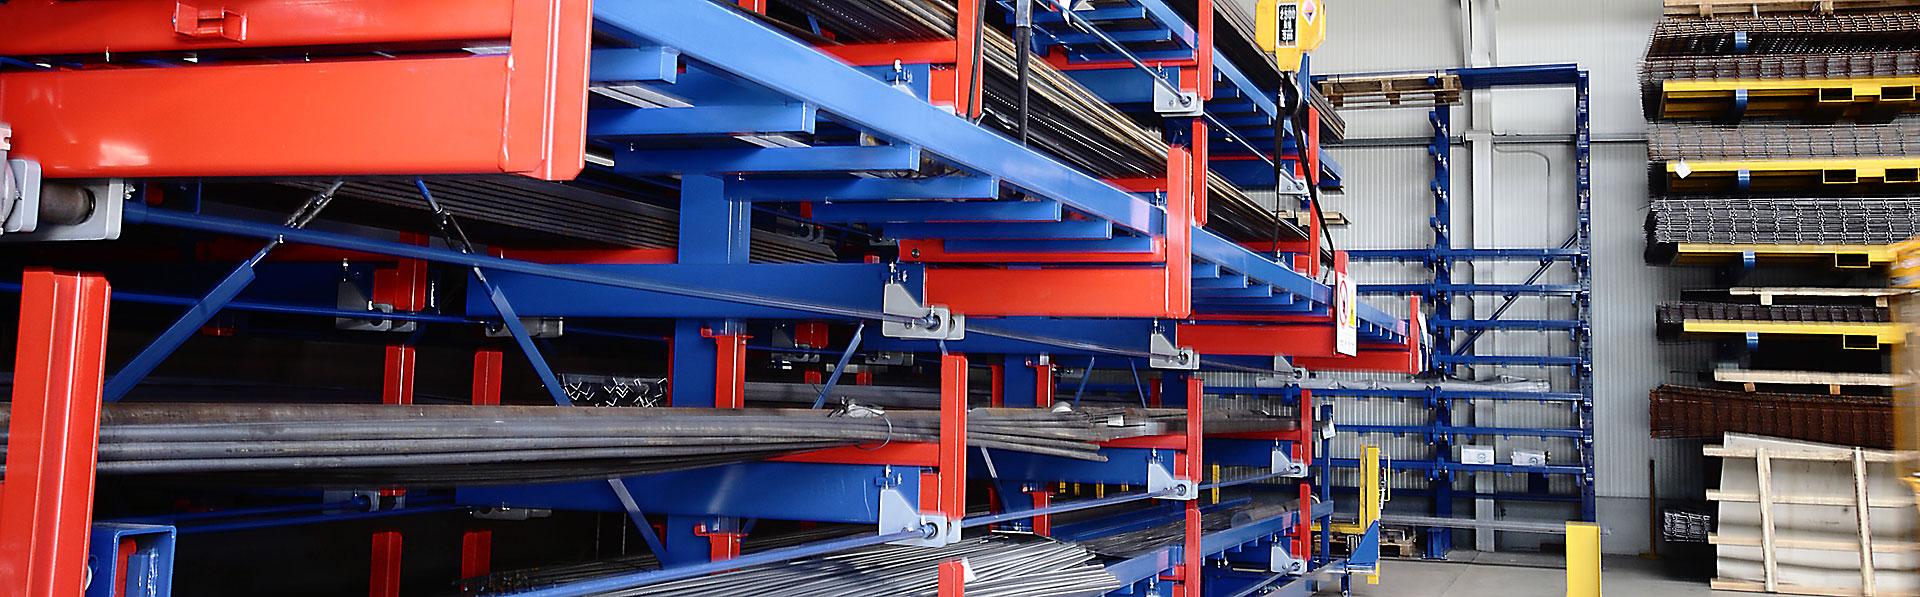 Full Size of Regale Hamburg Lagertechnik Mit System Obi Nach Maß Gebrauchte Für Keller Designer String Metall Aus Europaletten Schmale Selber Bauen Holz Gewerbefläche Regal Regale Hamburg